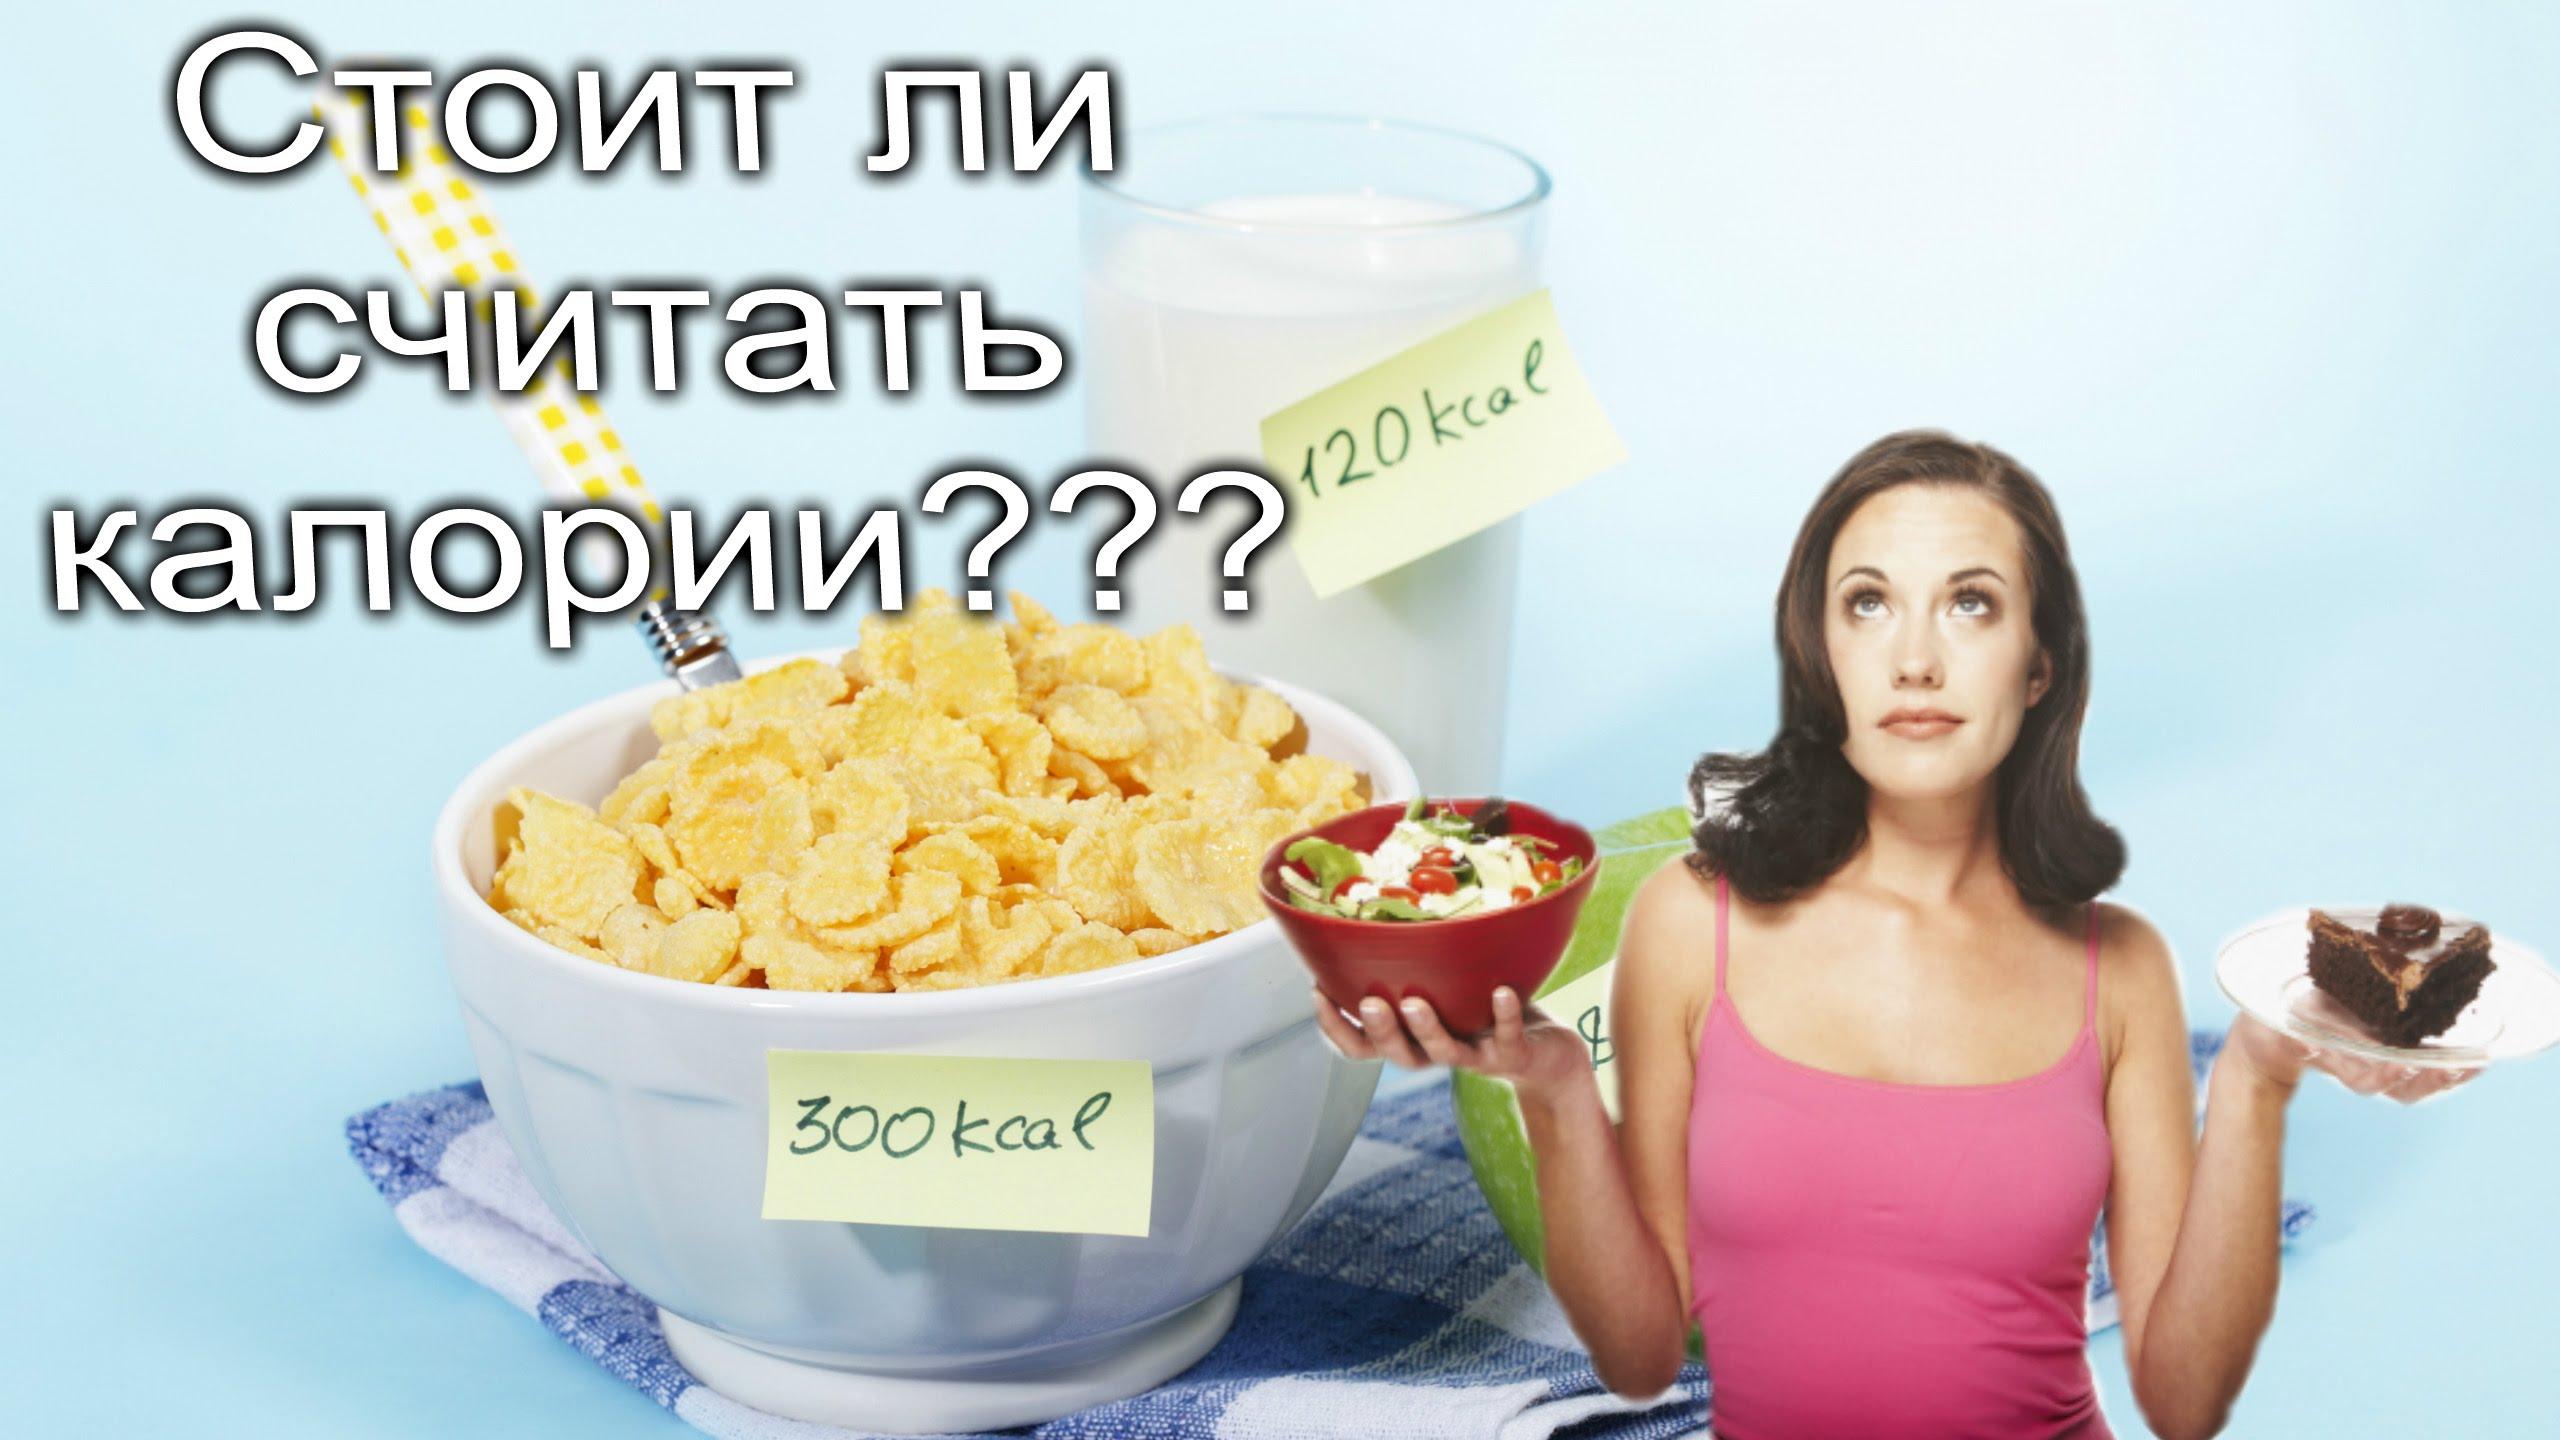 Вызывает ли подсчет калорий расстройства пищевого поведения? | трансформация тела